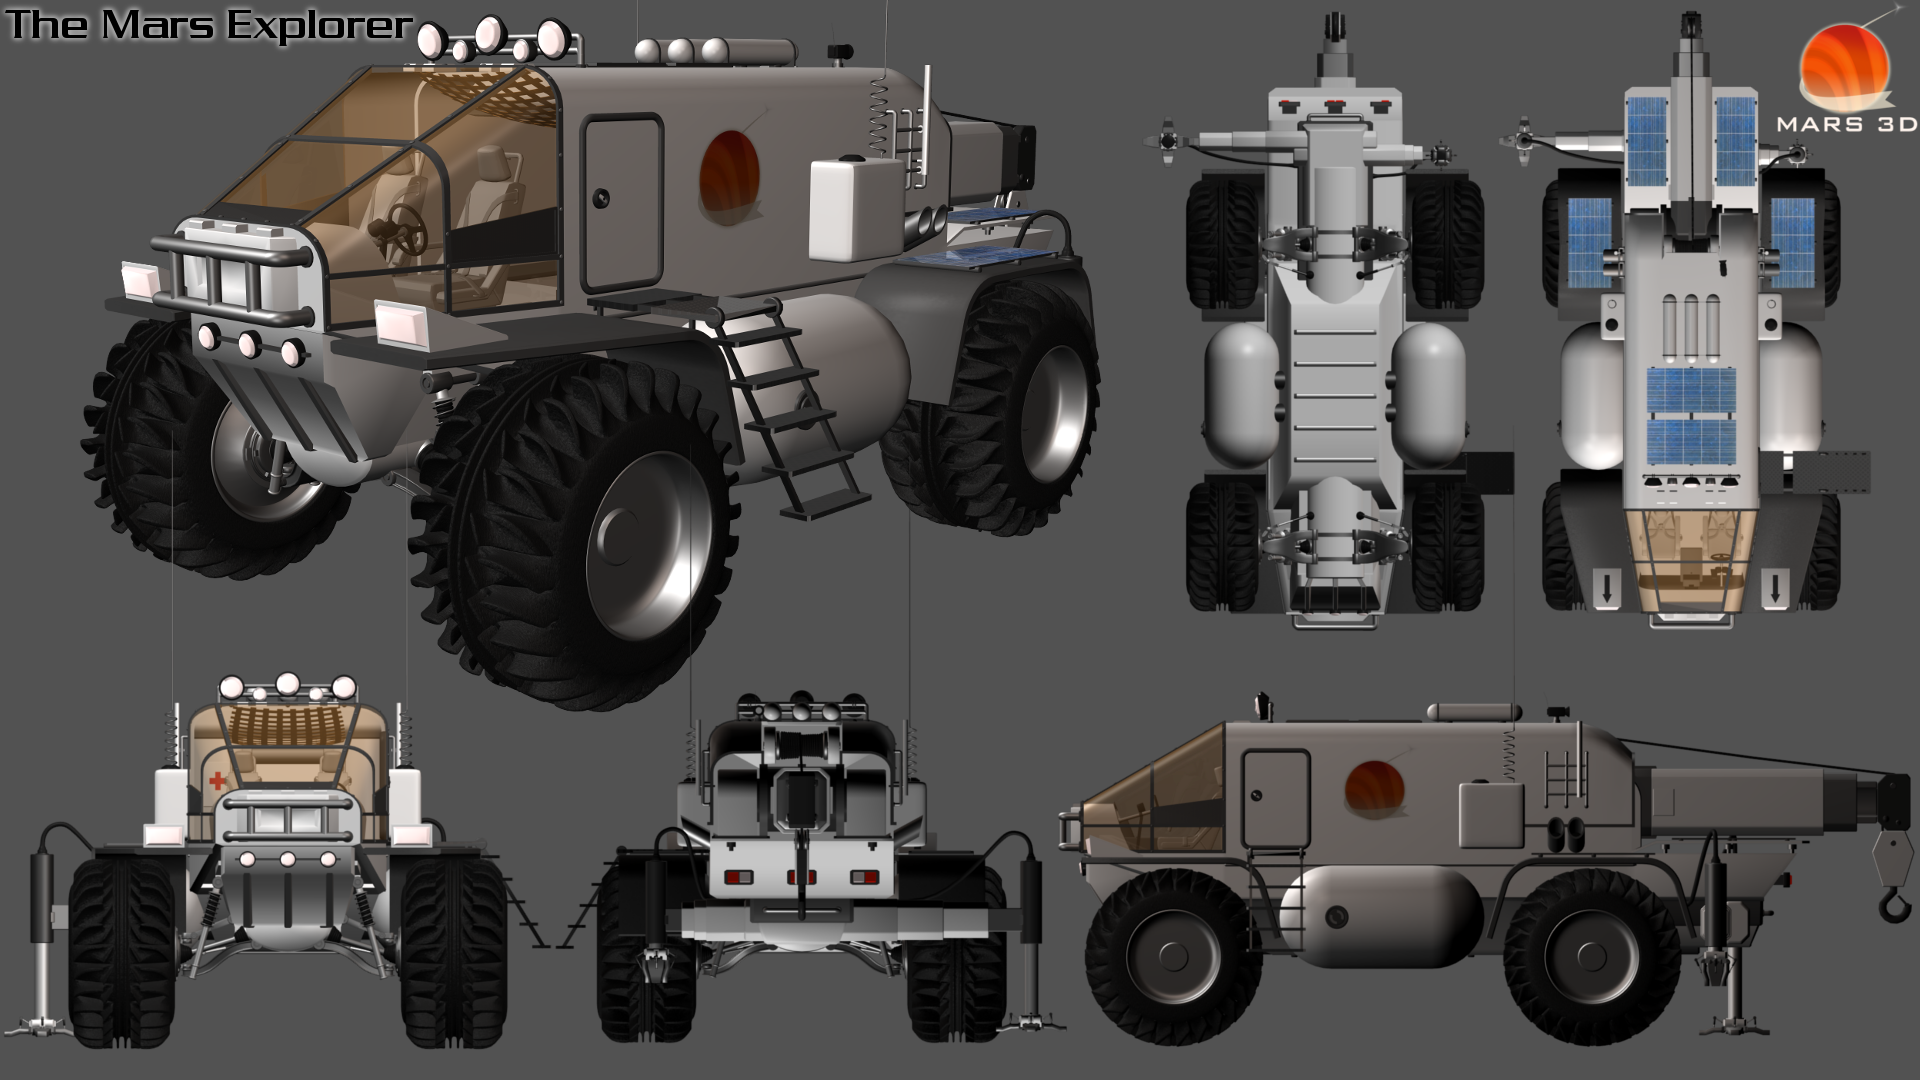 mars transport concept vehicle essay Nasa har nemlig lige afsløret deres mars rover concept vehicle, der får månebilen fra 1970'erne til at ligne en sæbekassebil du kan se den officielle afsløring af bilen i videoen ovenover, og så kan du jo drømme lidt om at fræse rundt på den røde planet i den her 3 ton tunge cruiser med plads til fire astronauter, der triller rundt med 5o tommer dæk og.